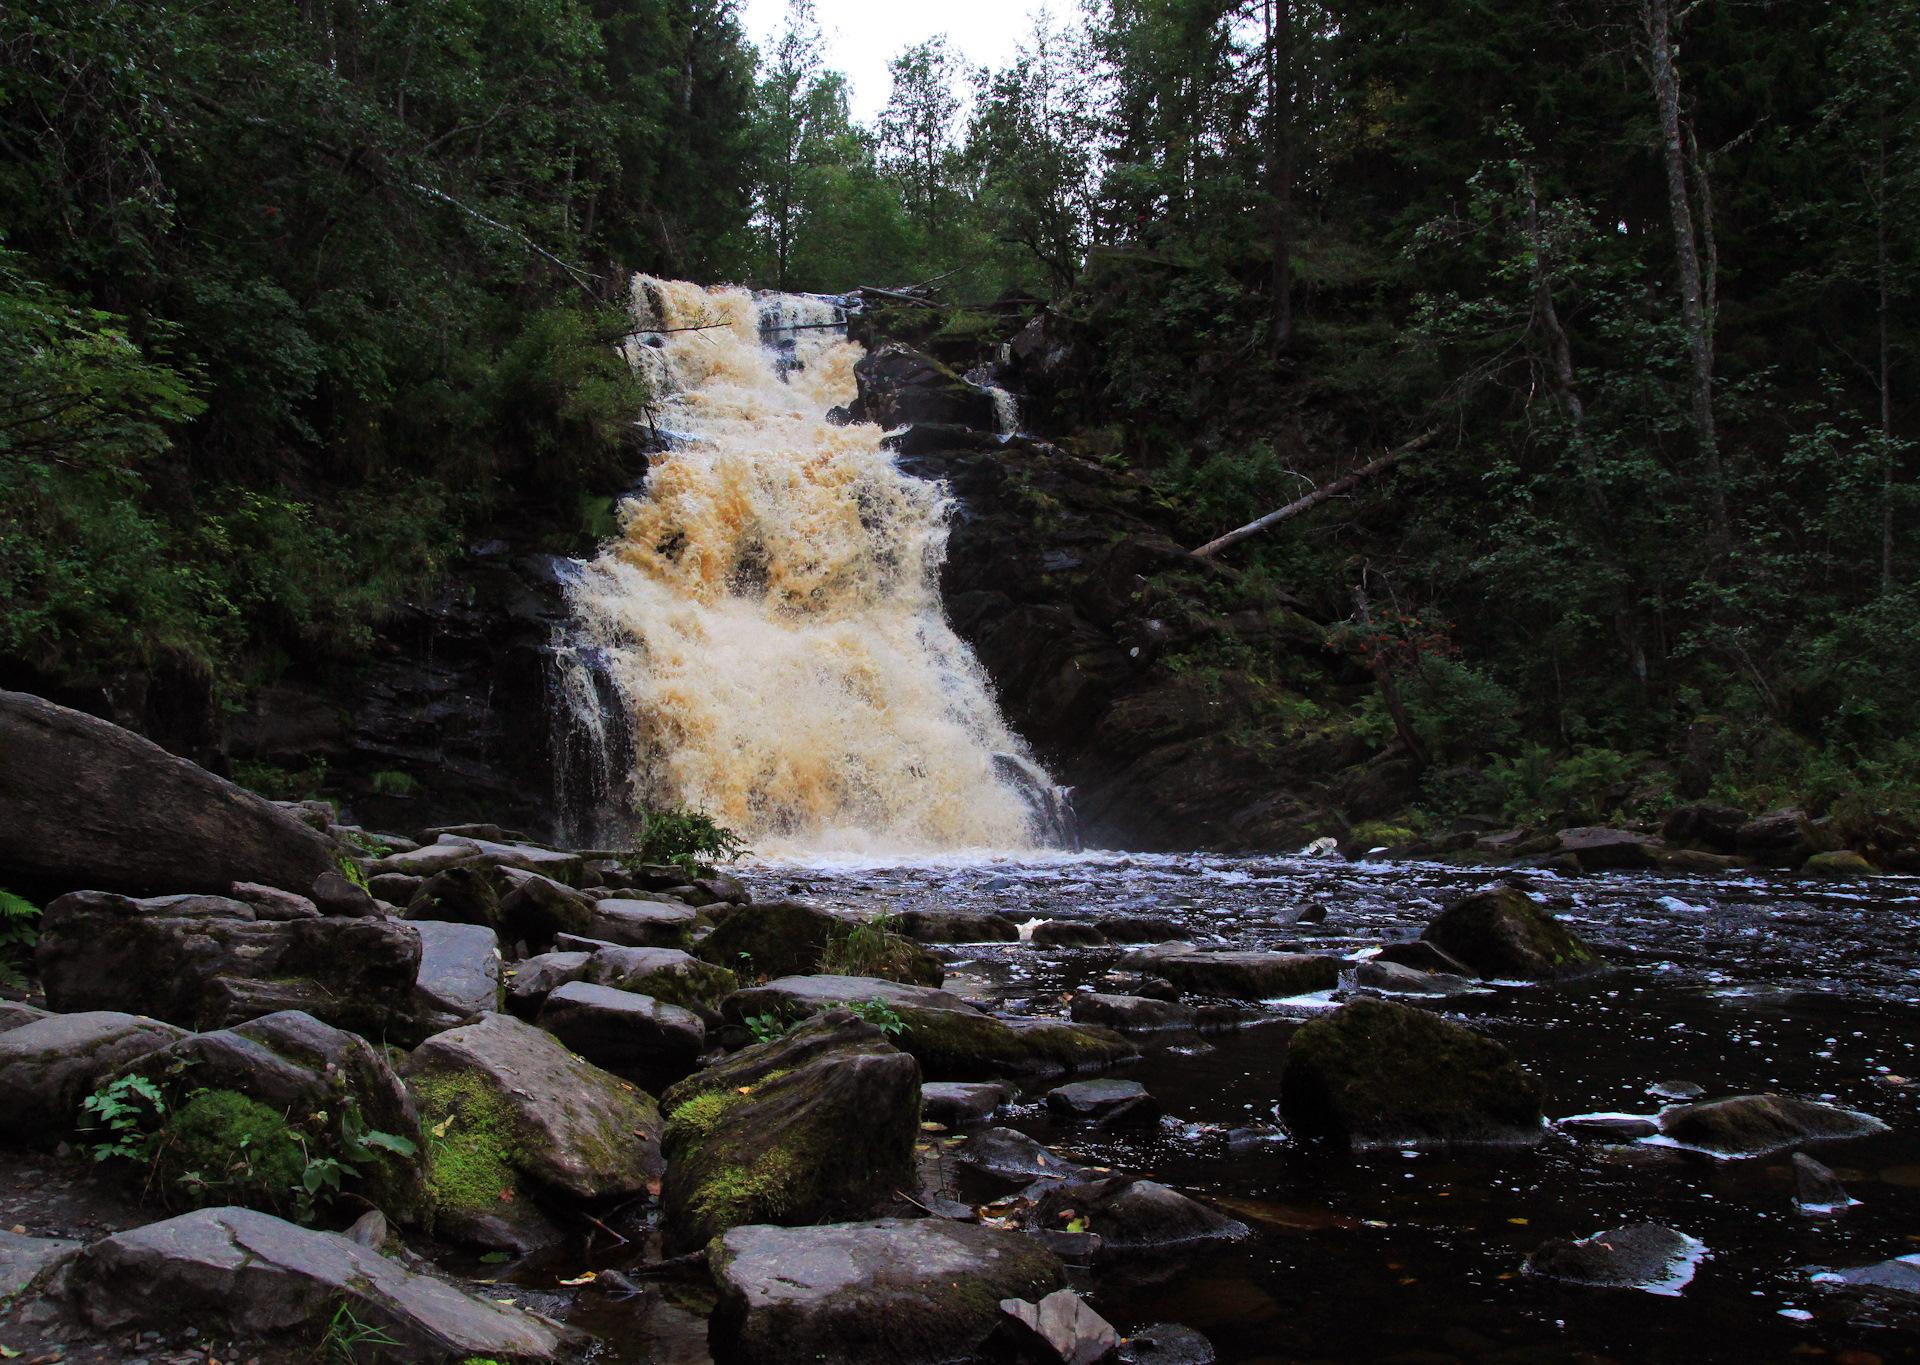 что-то подобное водопад белые мосты карелия фото даже поплыли разложились